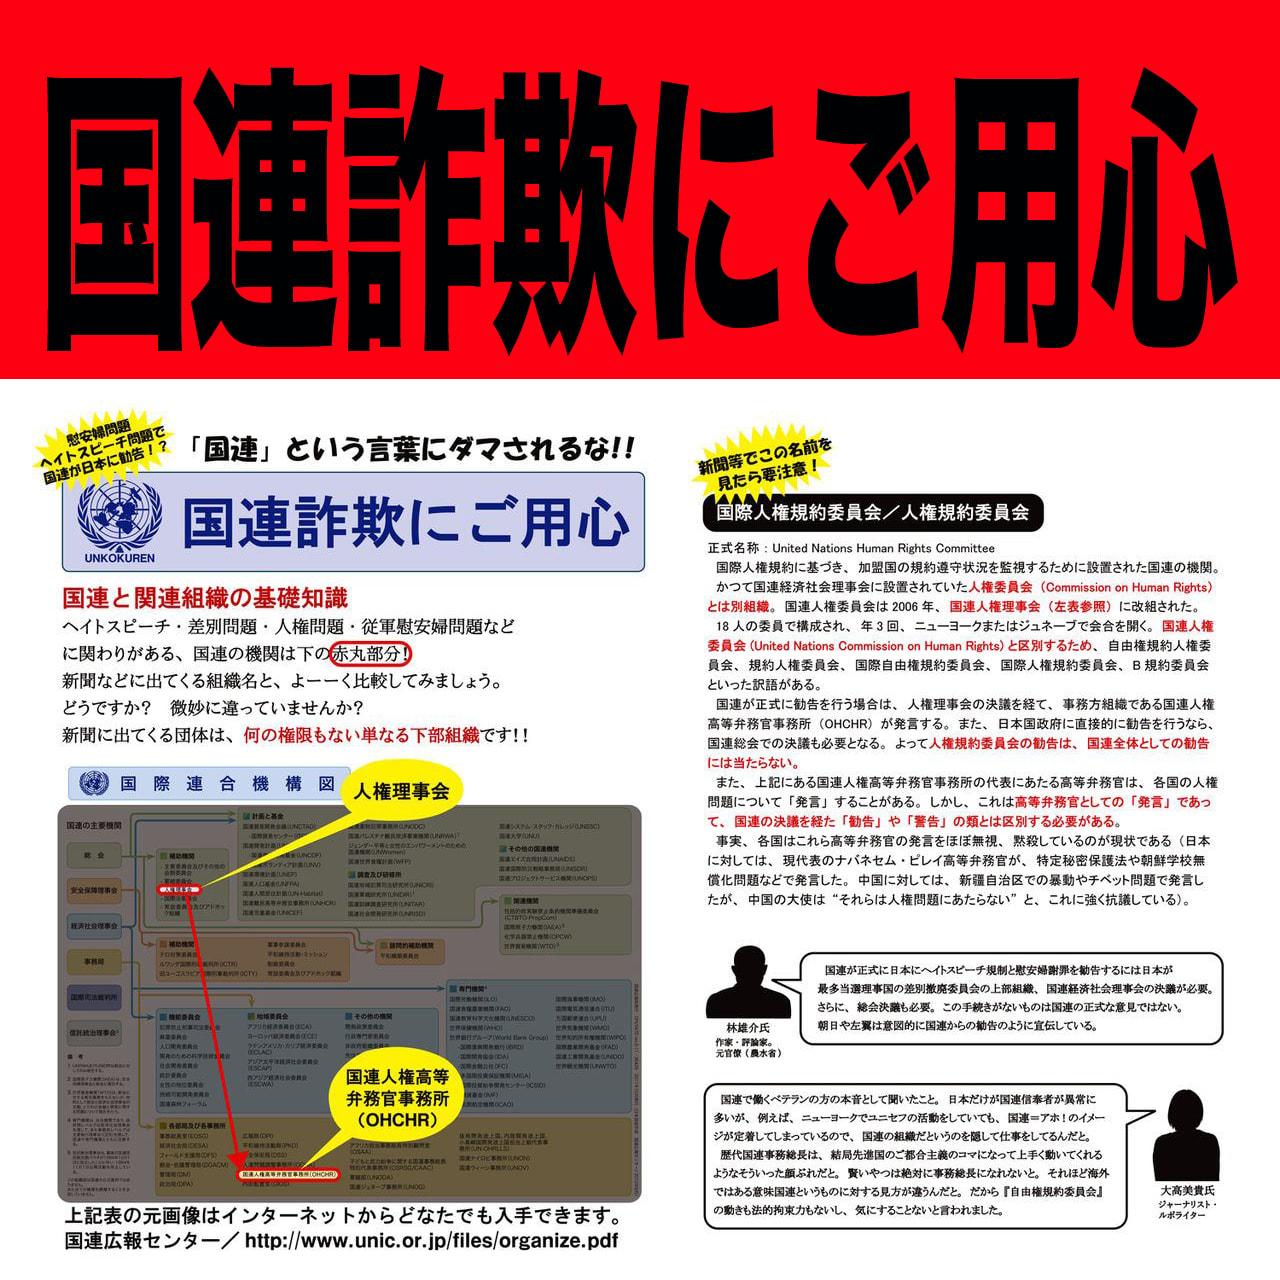 ***名古屋市議会ヘイトスピーチ対策の意見書を提案したのは自民党の市議... 【アホ議員チェック